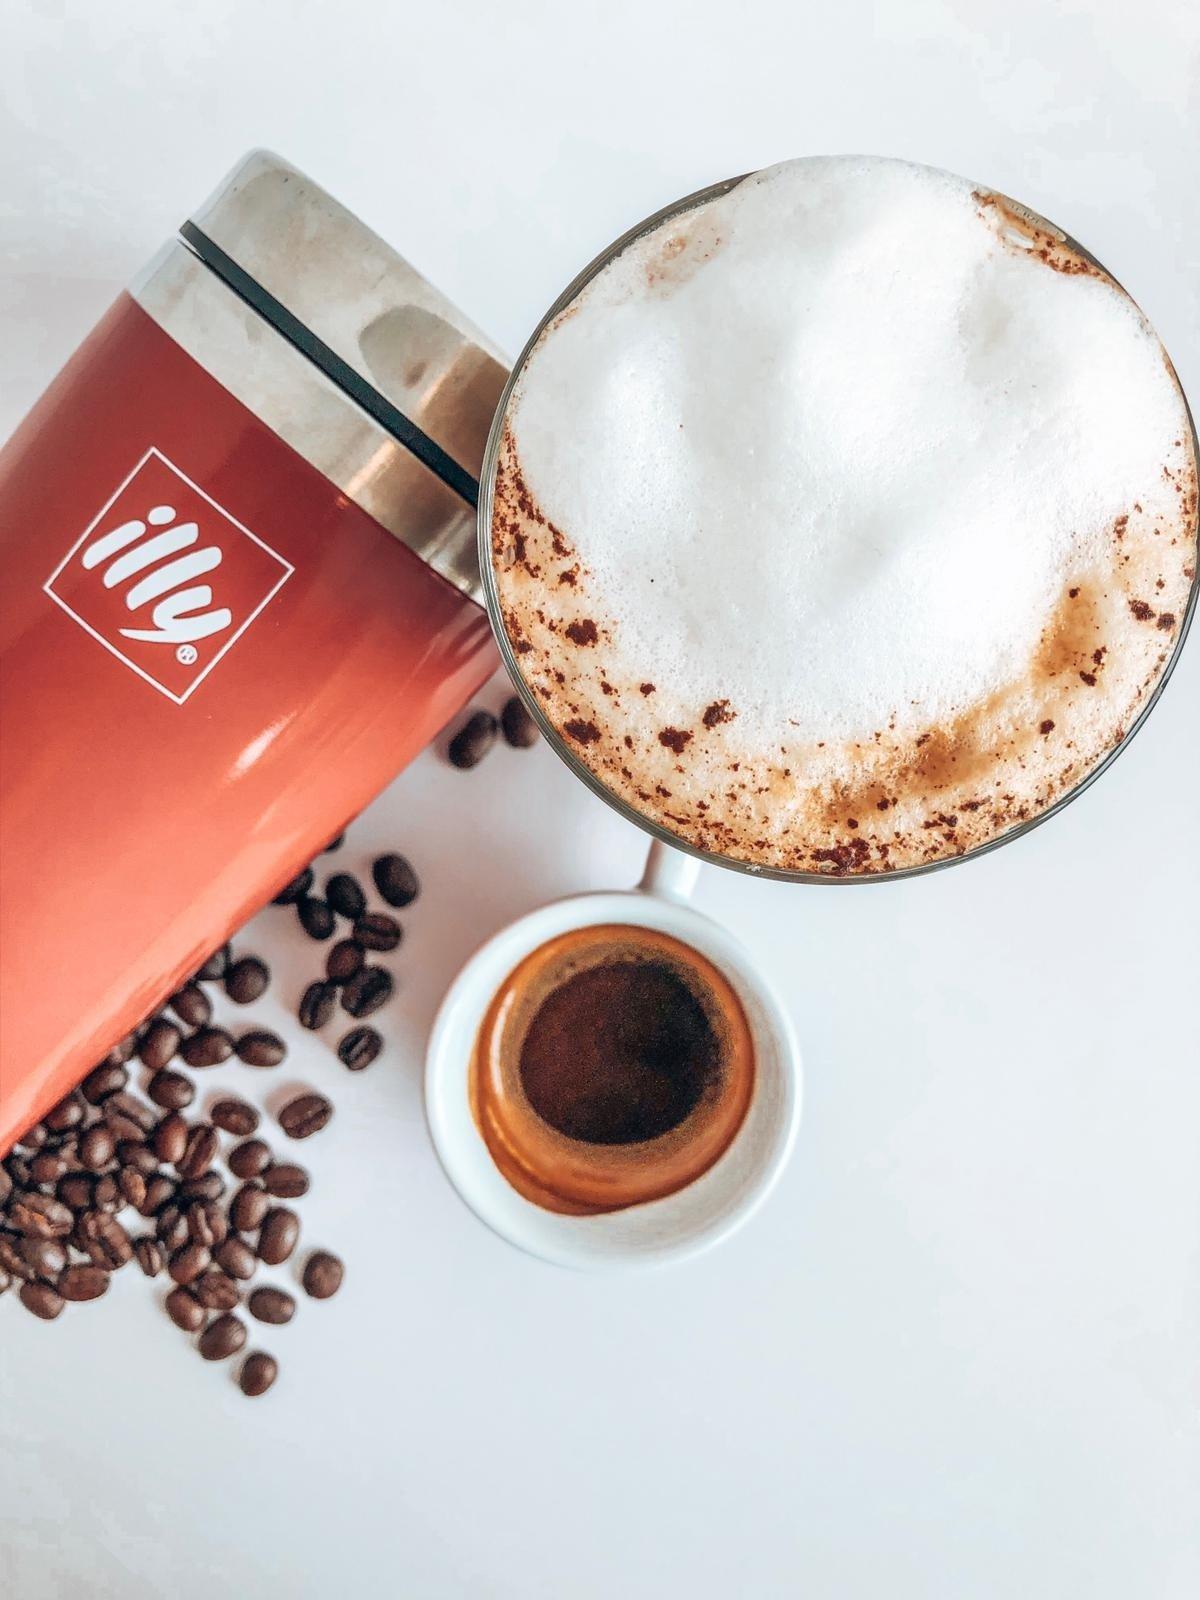 https://0901.nccdn.net/4_2/000/000/04b/787/Our-Coffee-7-1200x1600.jpg